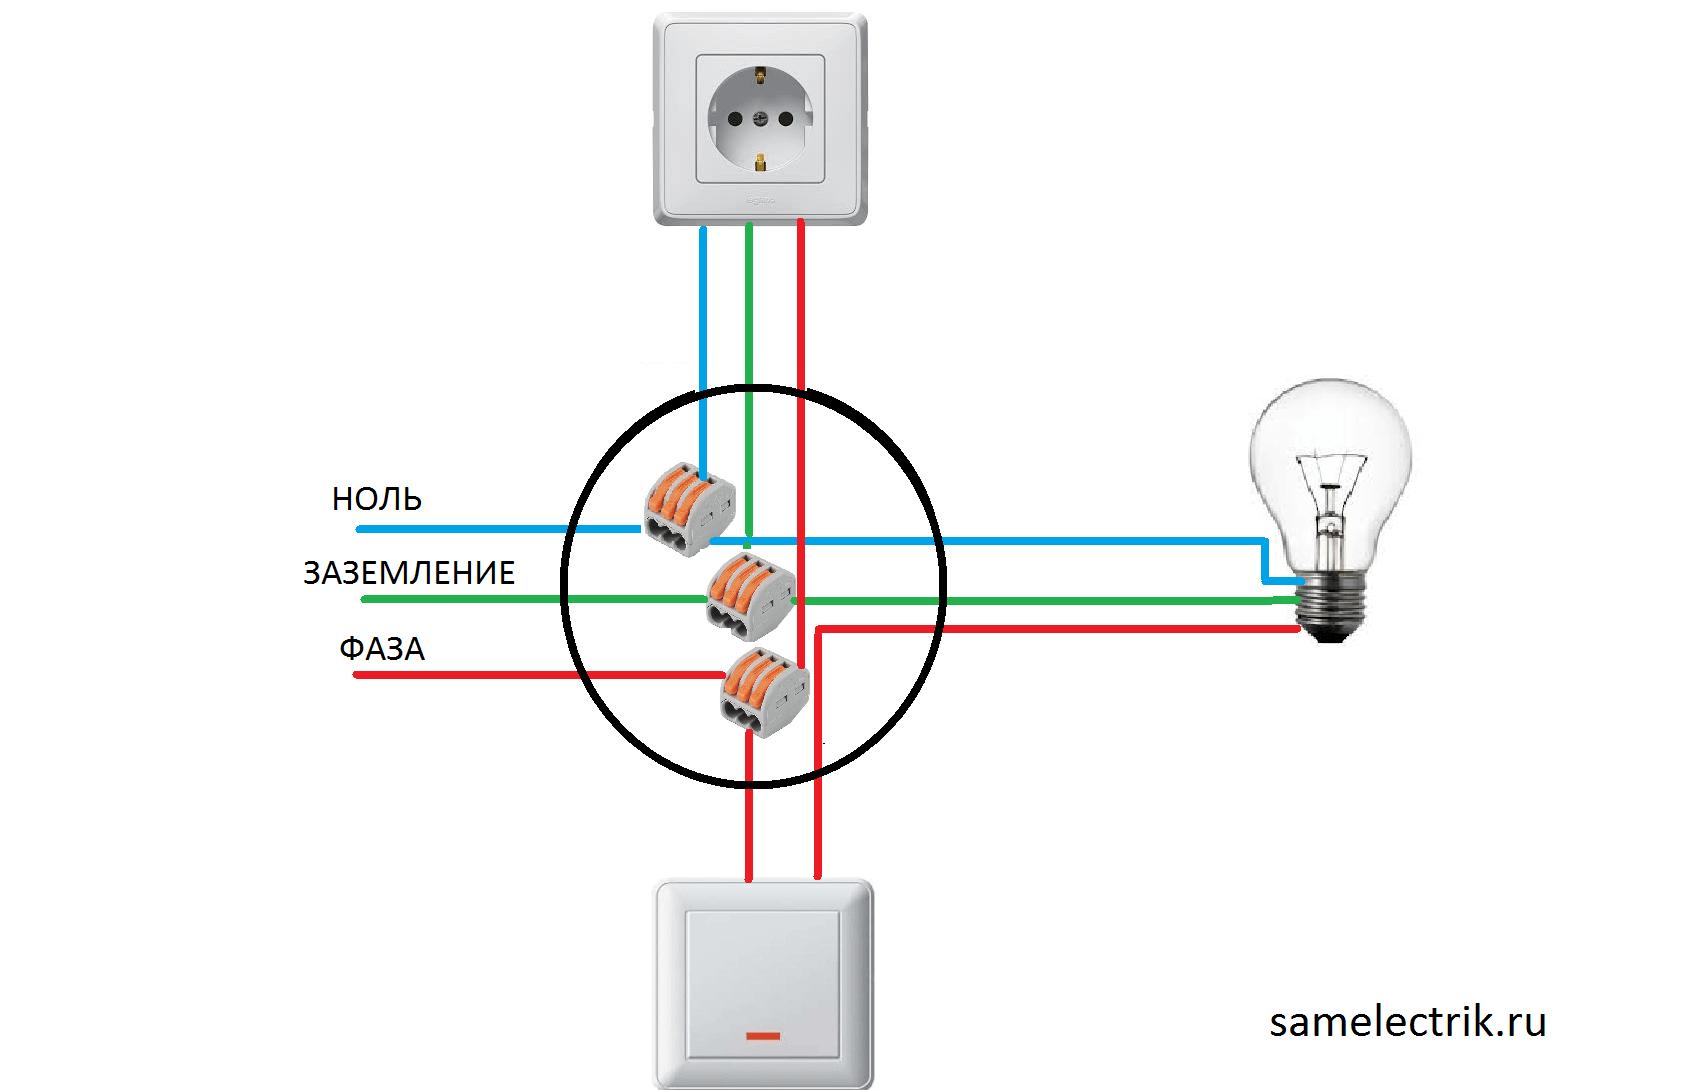 схема подключения двух лампочек и розетки